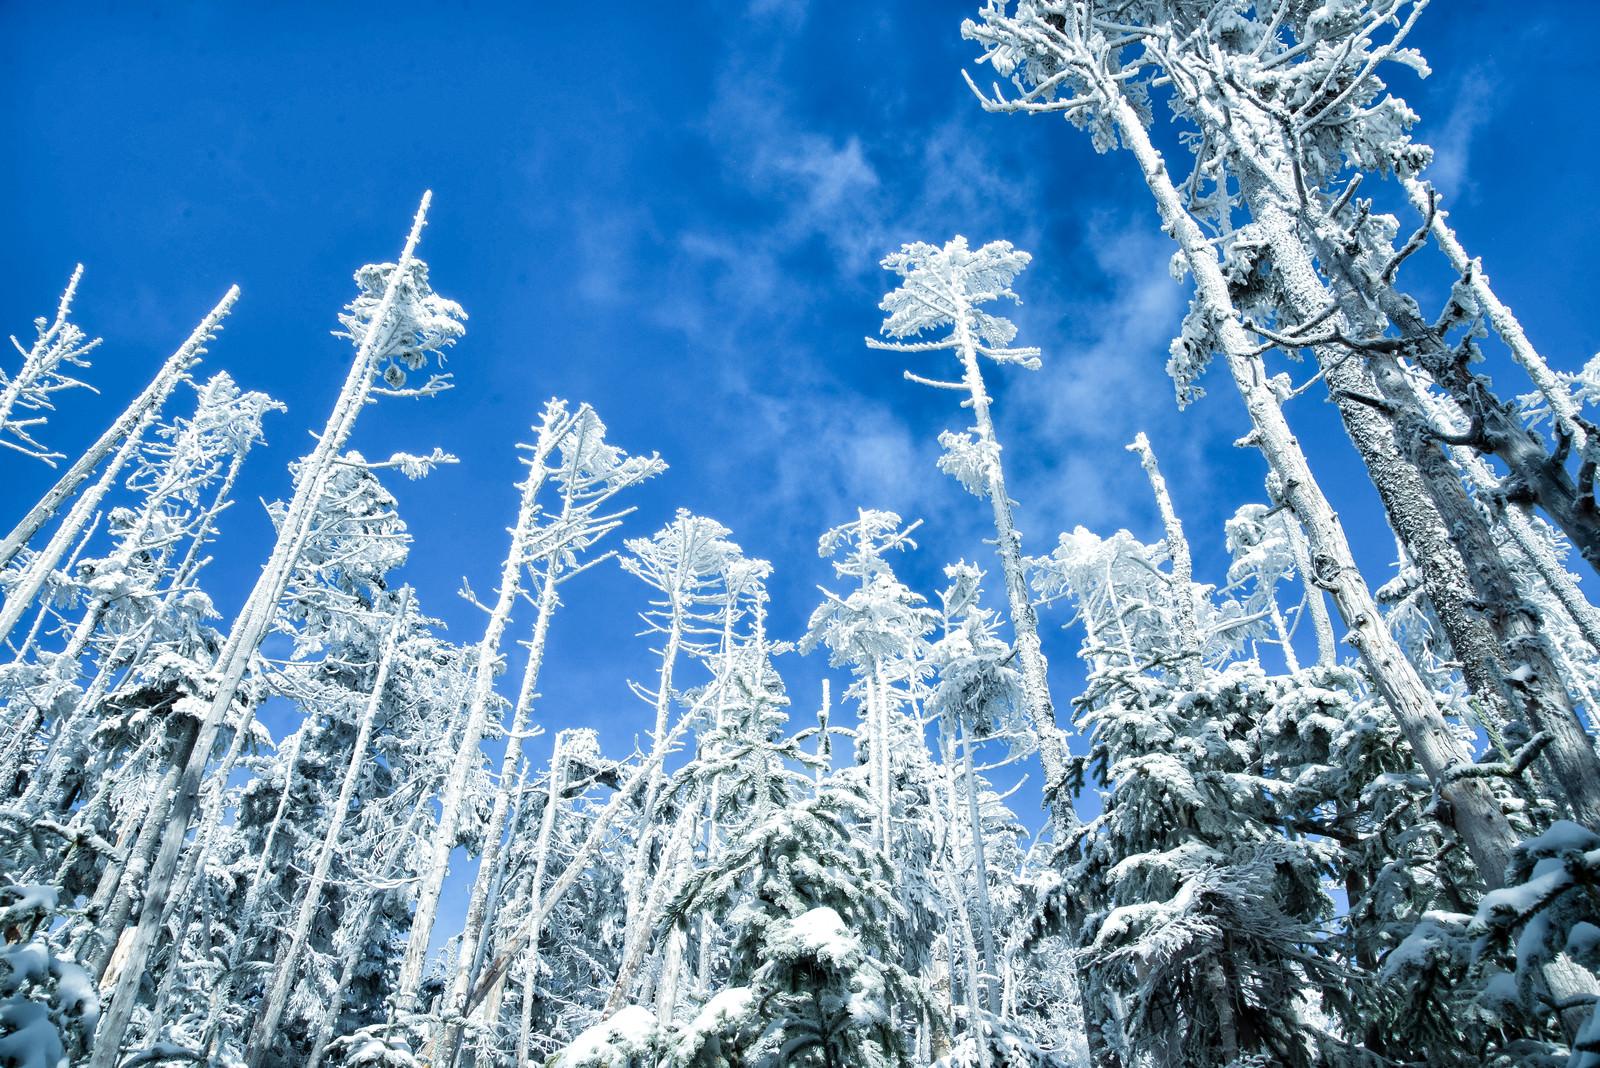 「屹立する樹氷と青空」の写真